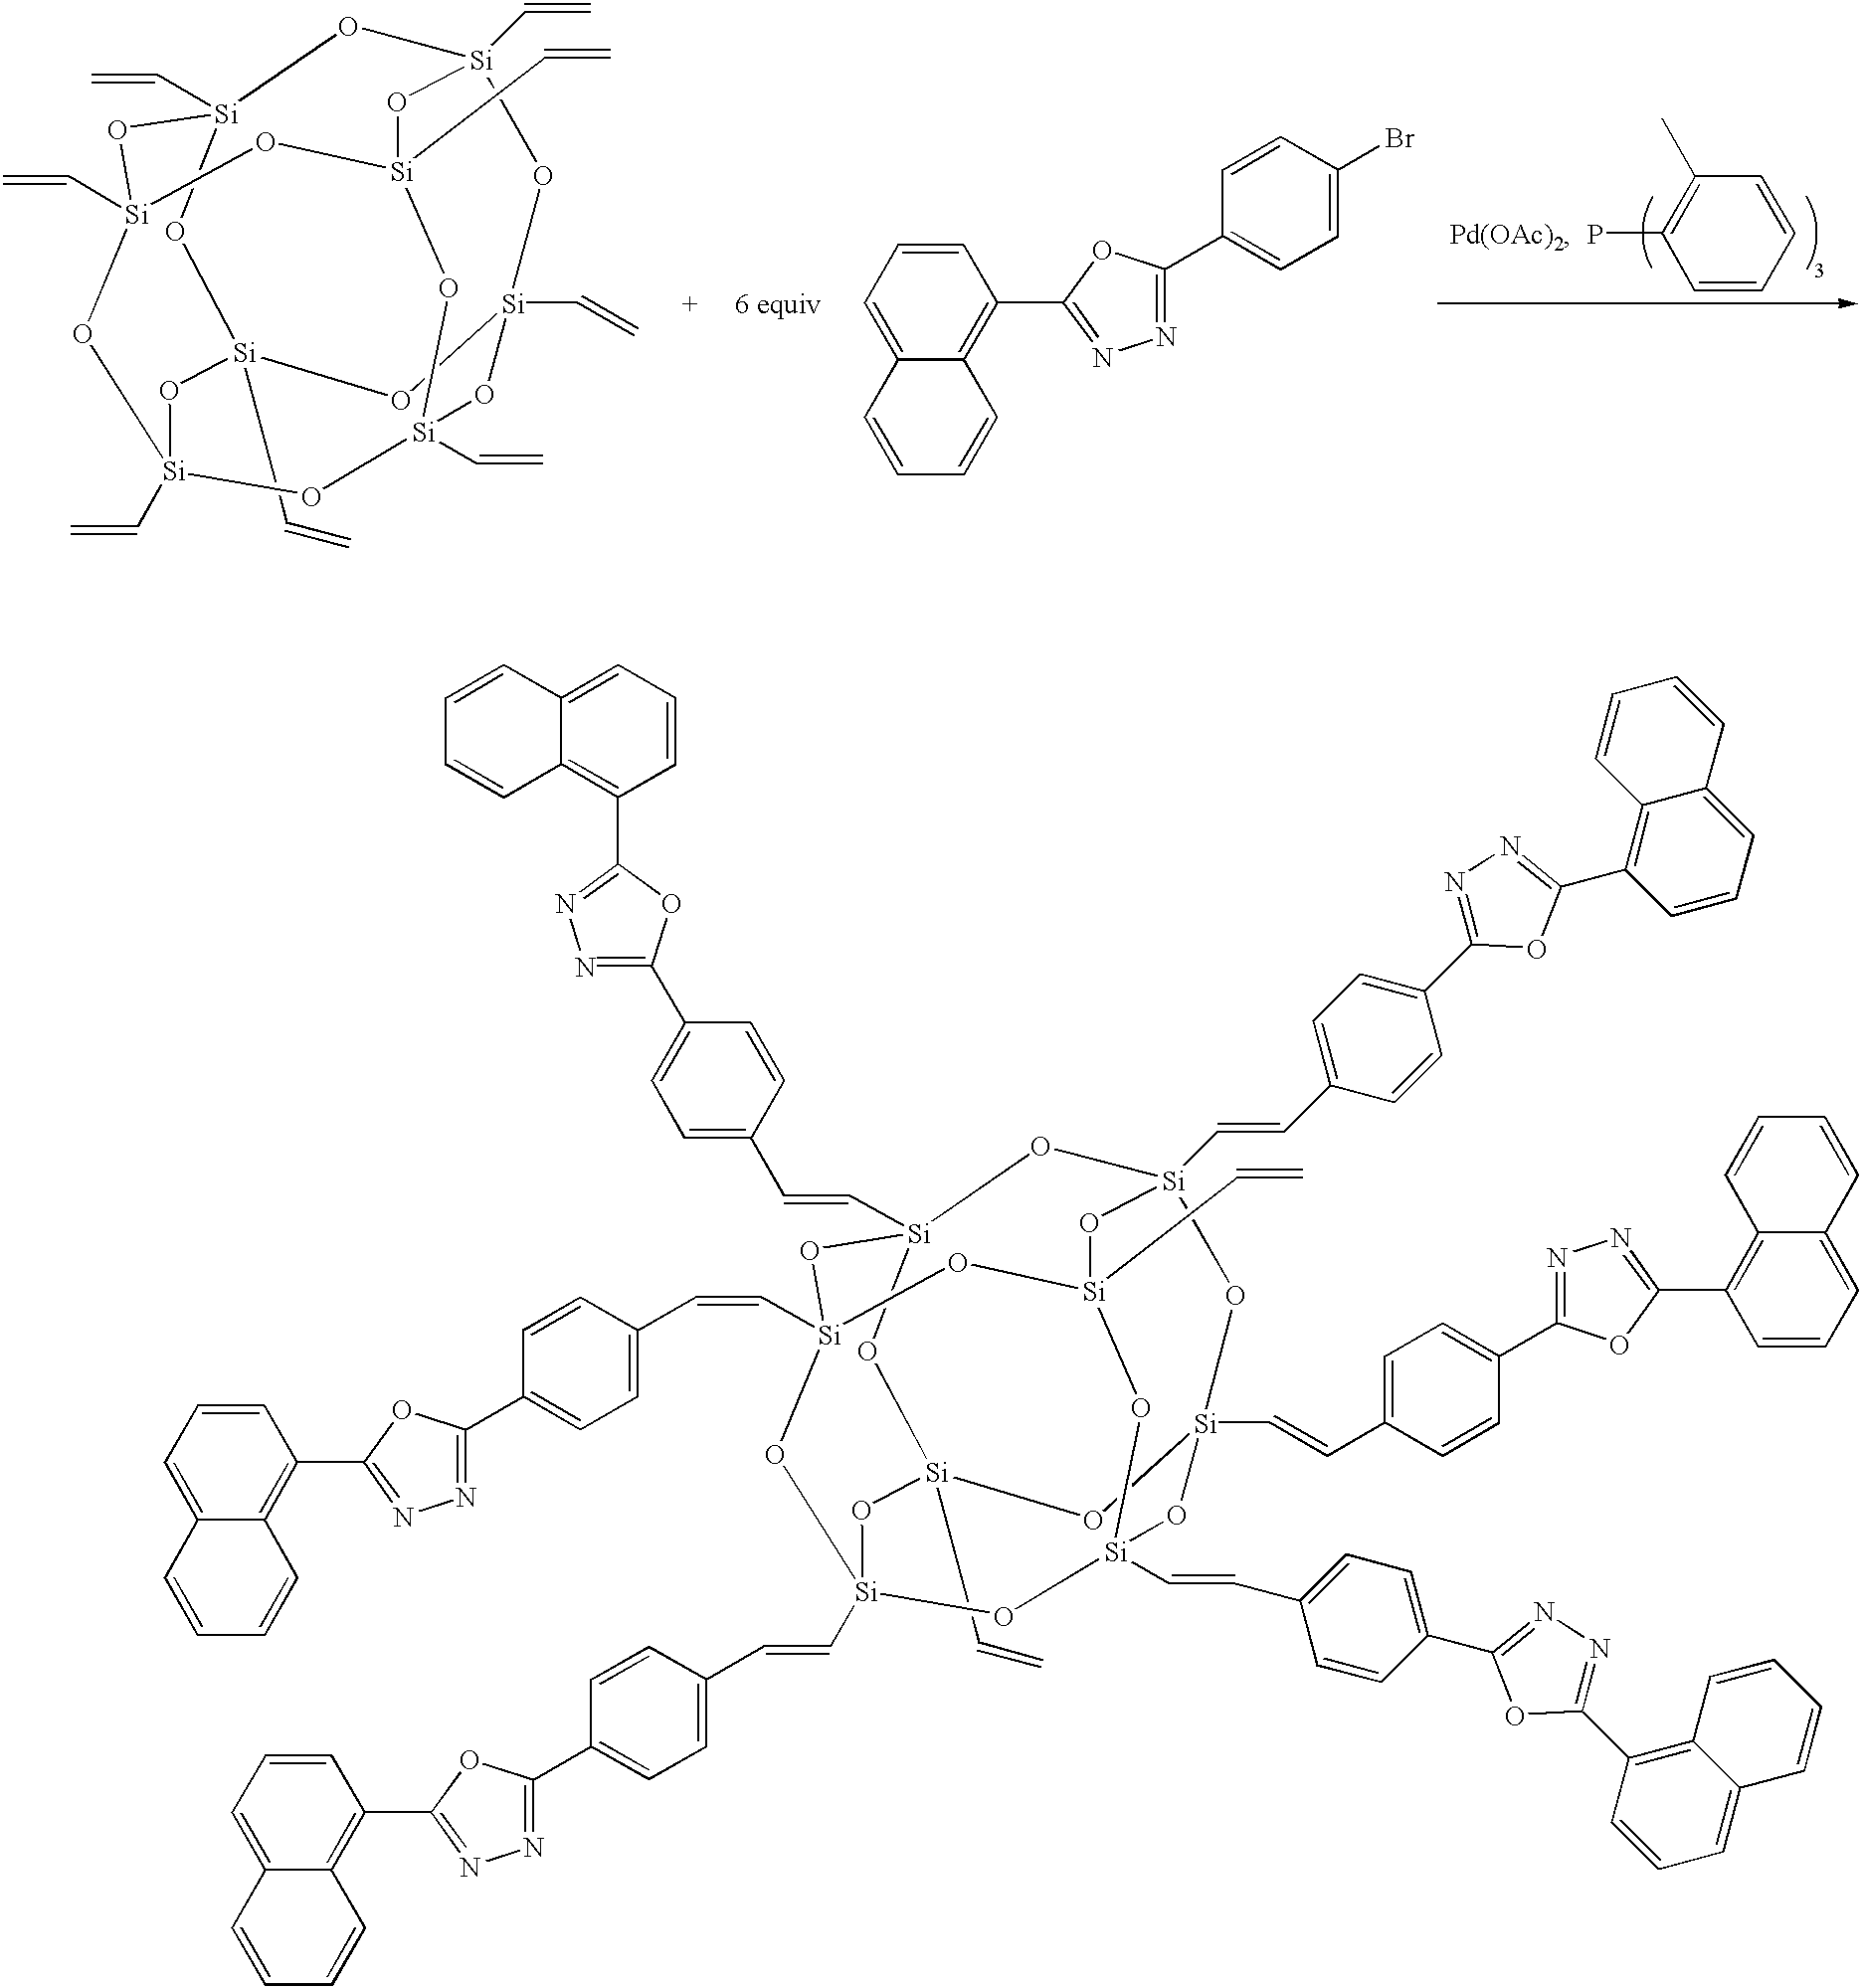 Figure US06517958-20030211-C00020